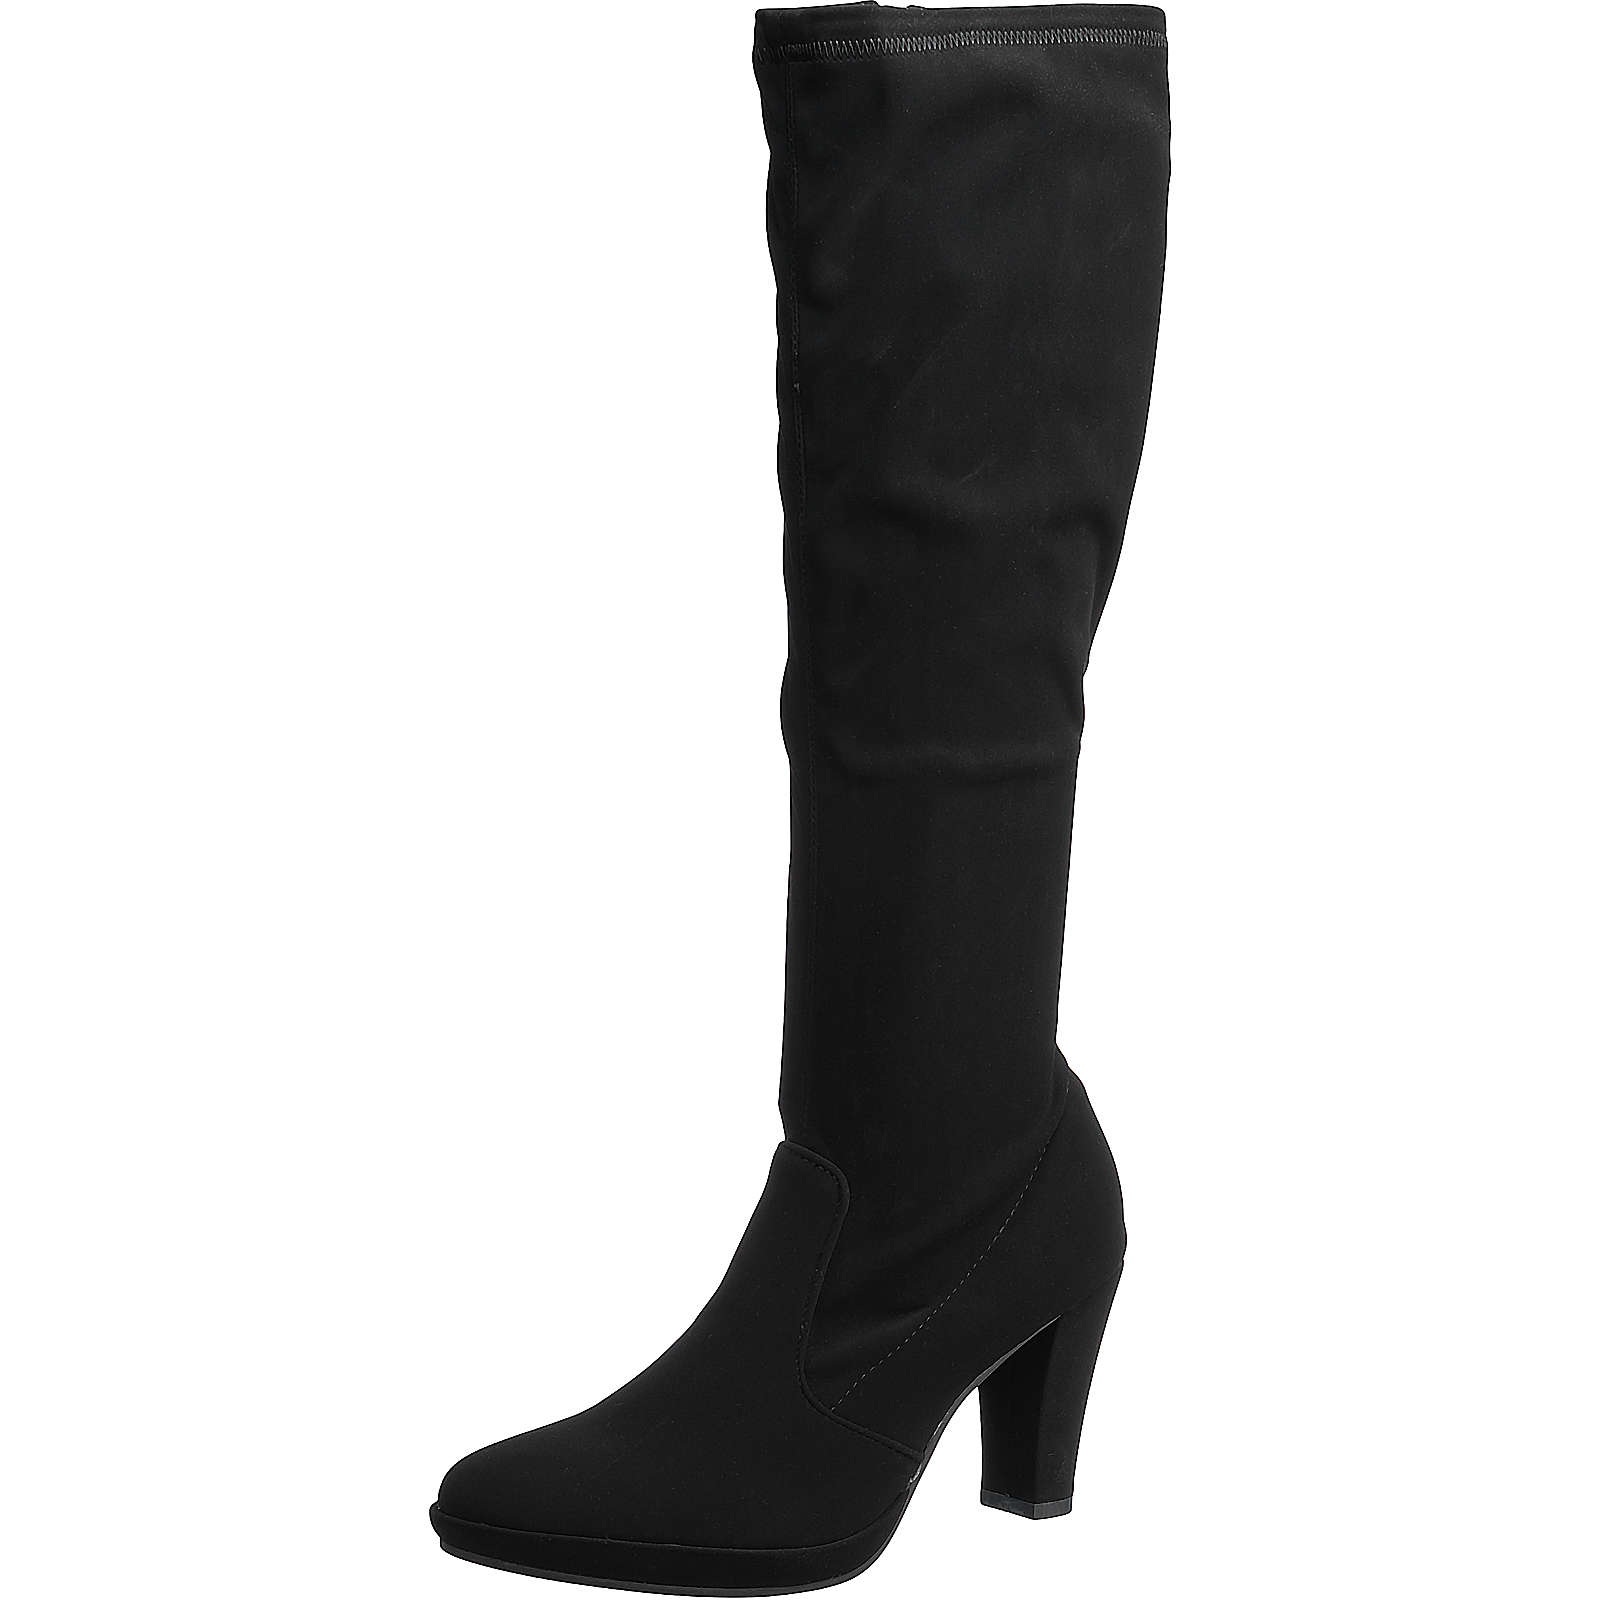 Andrea Conti Stiefel schwarz Damen Gr. 41 jetztbilligerkaufen